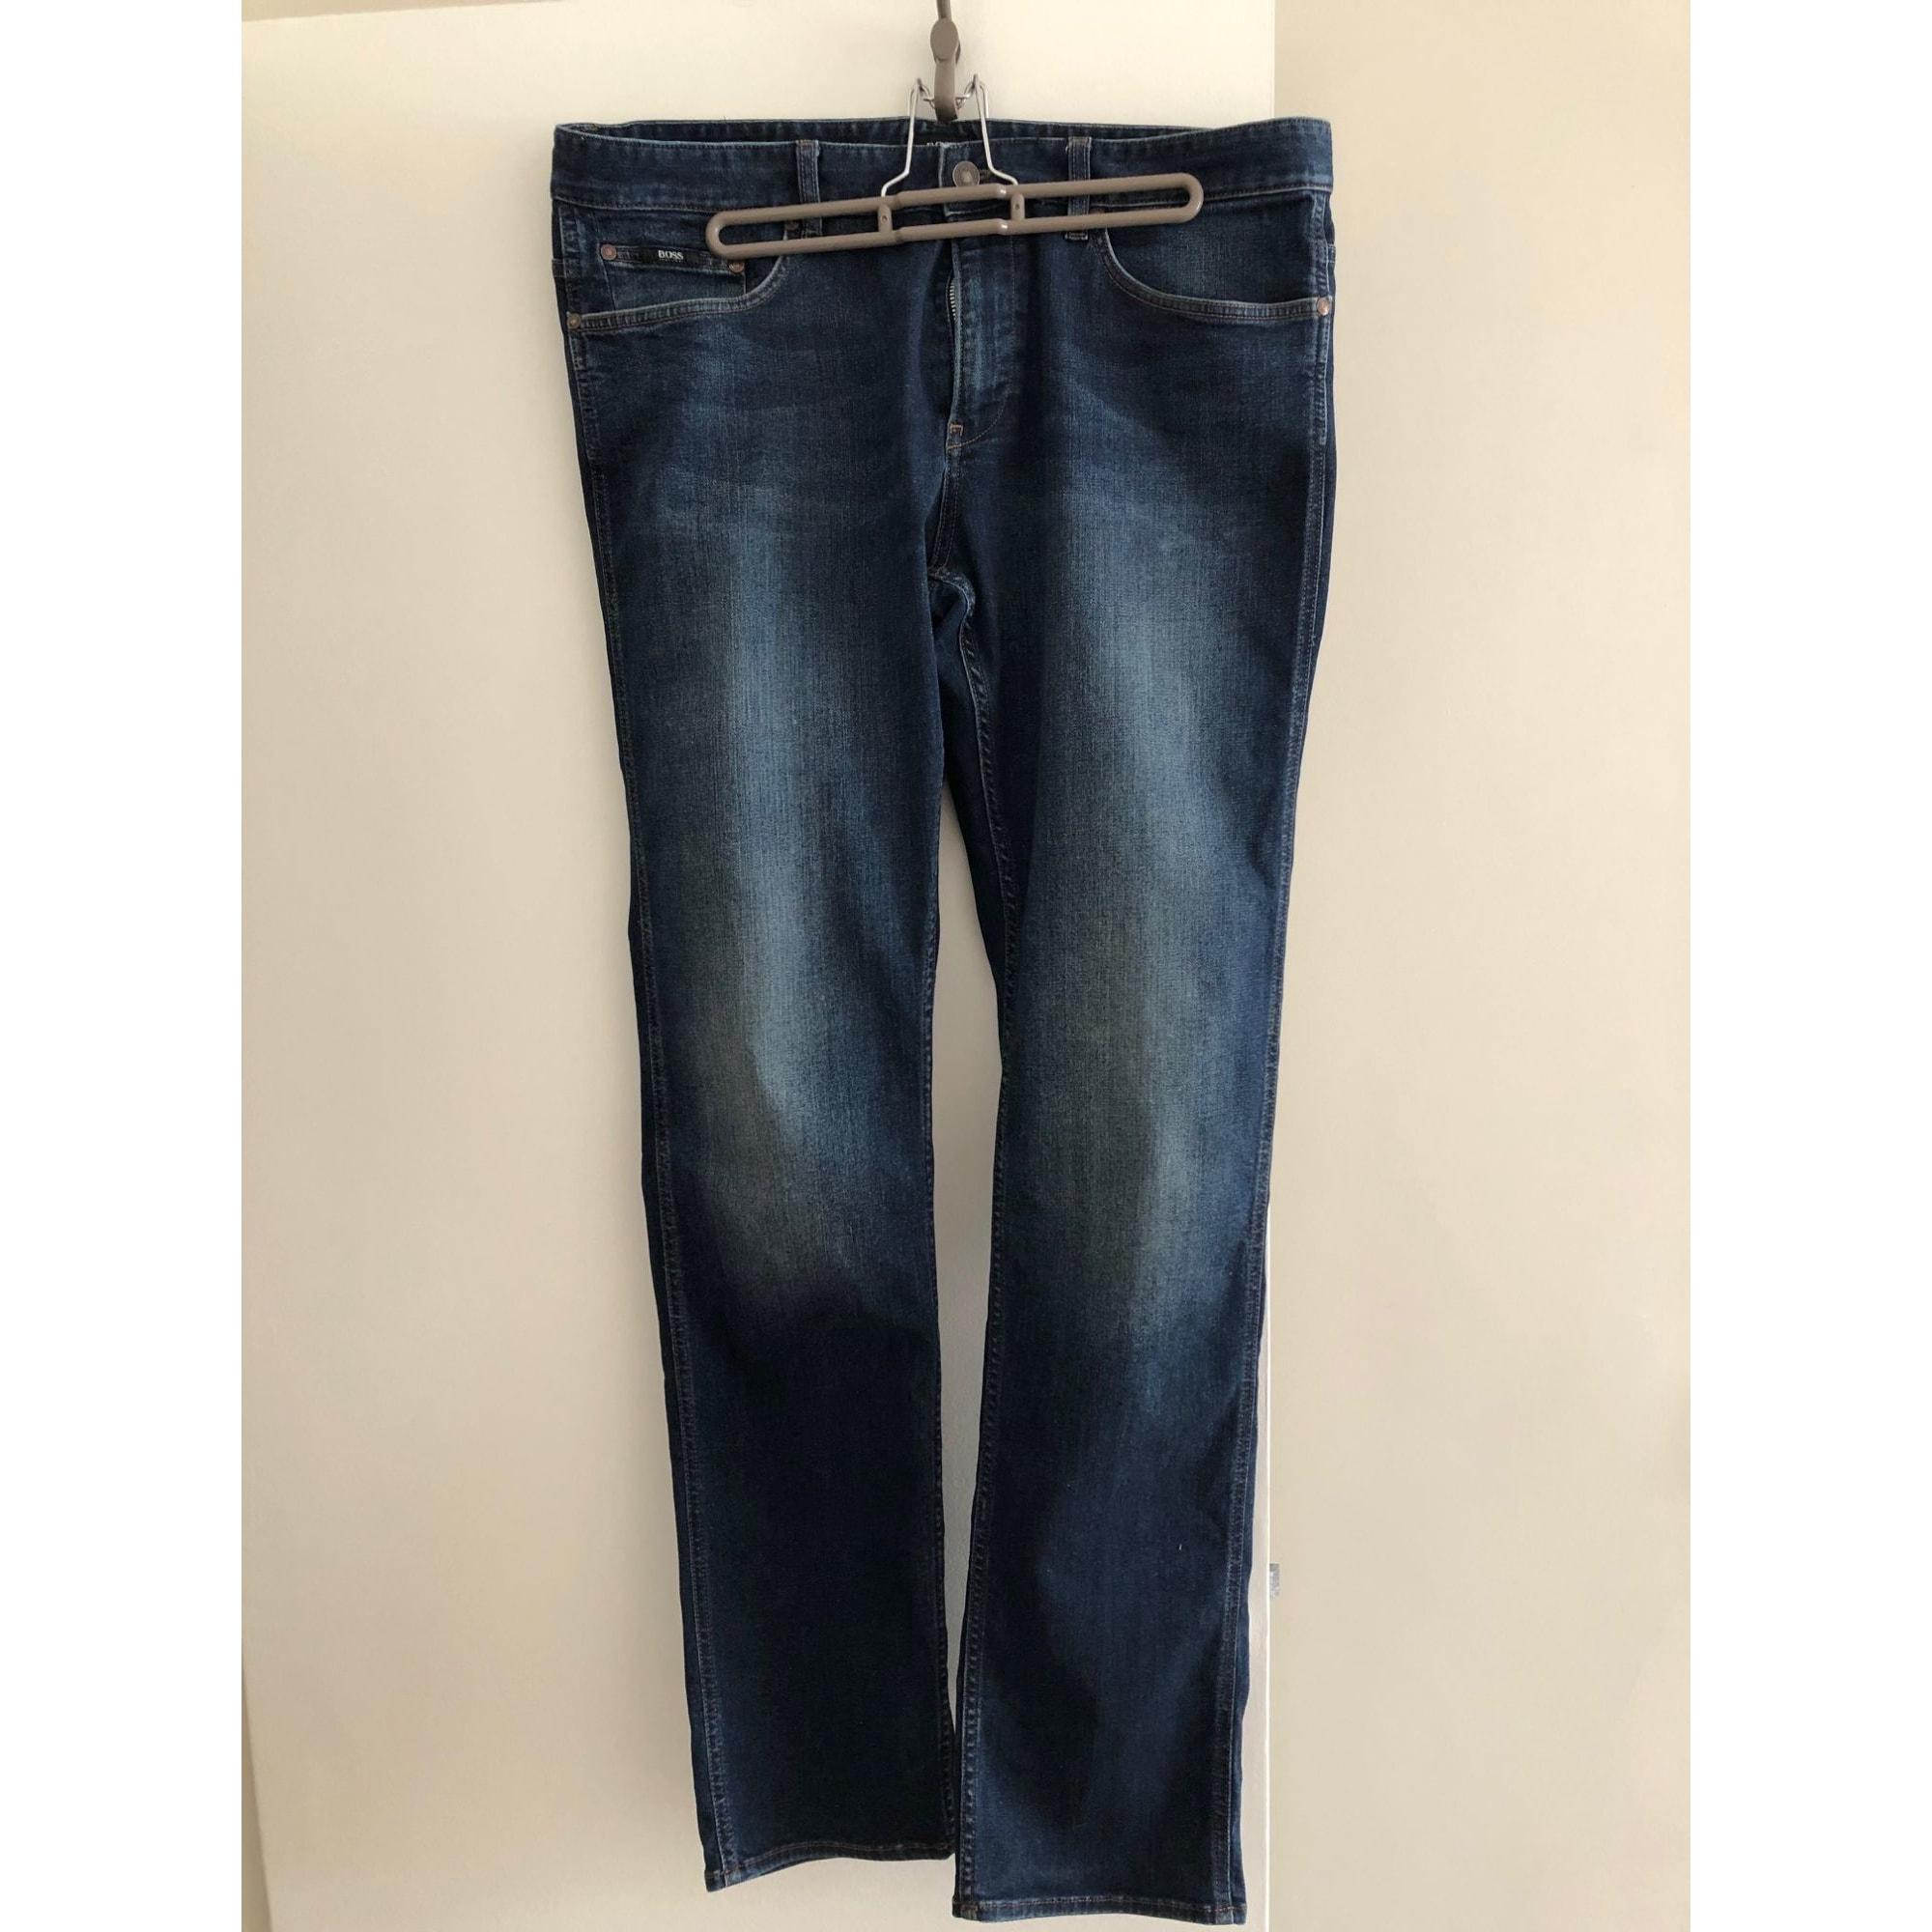 Straight Leg Jeans HUGO BOSS Blue, navy, turquoise